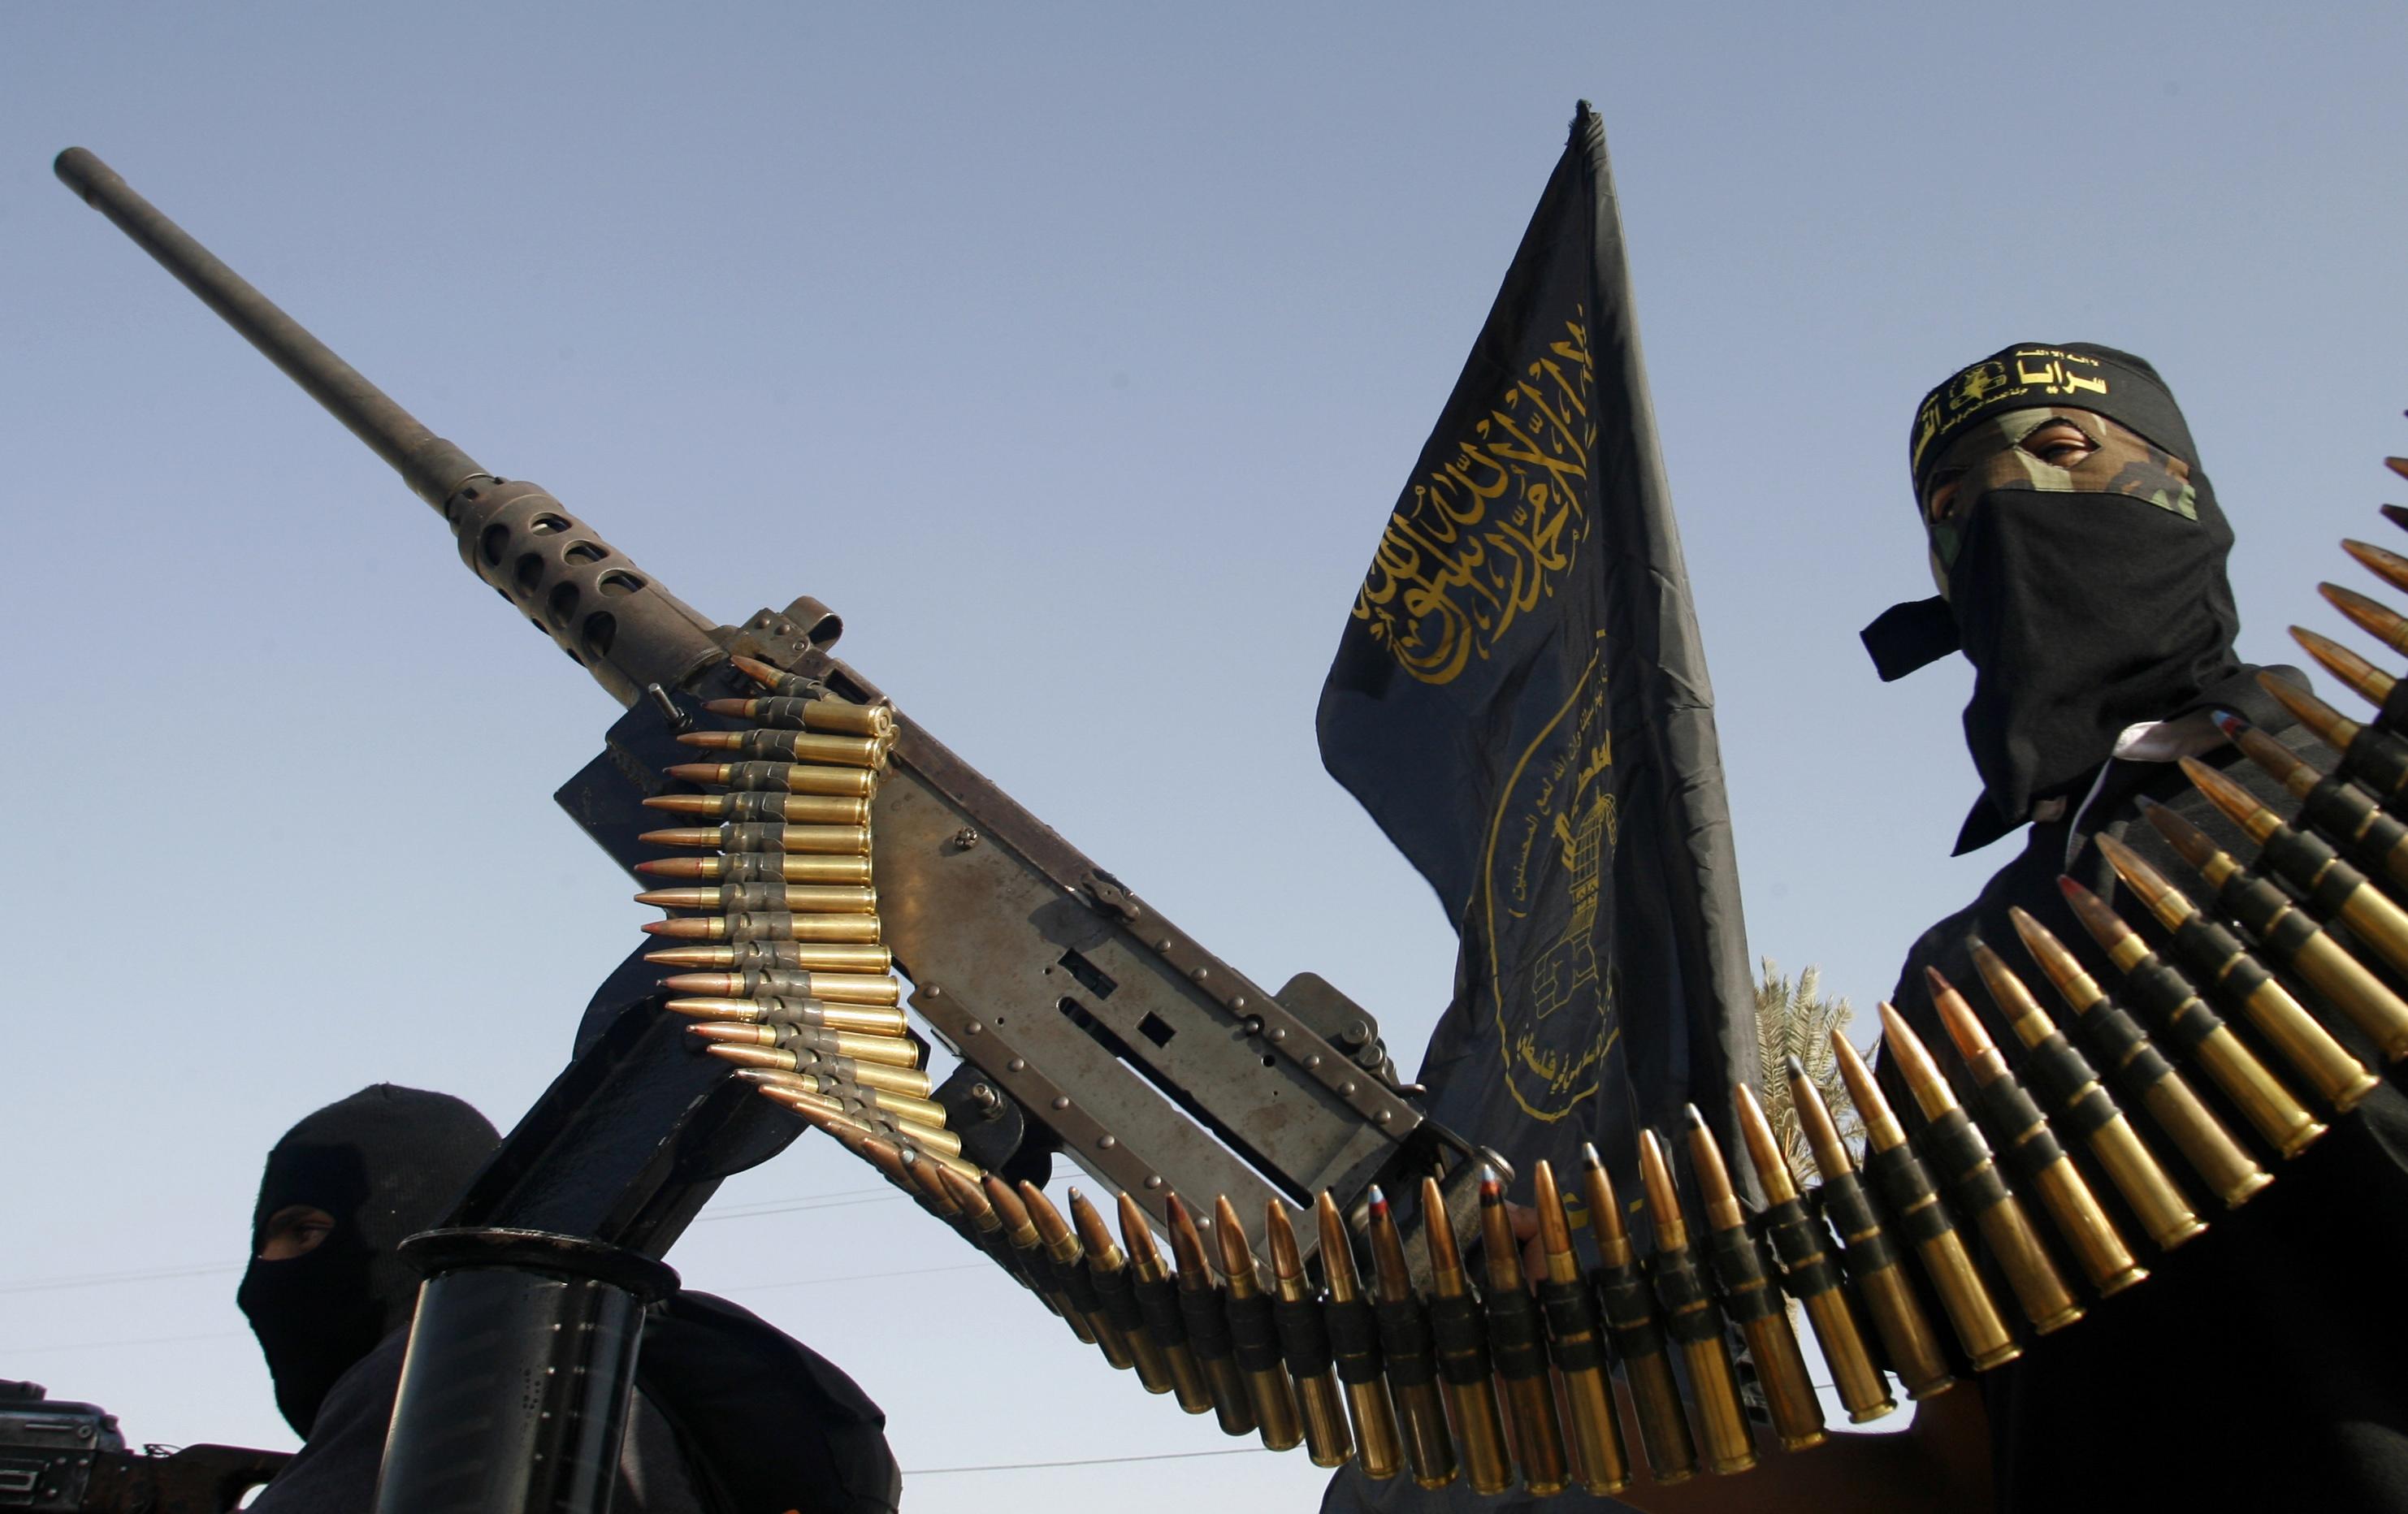 Invece di bombardare lo Stato Islamico, dovremmo dialogarci - Geopolitica.info